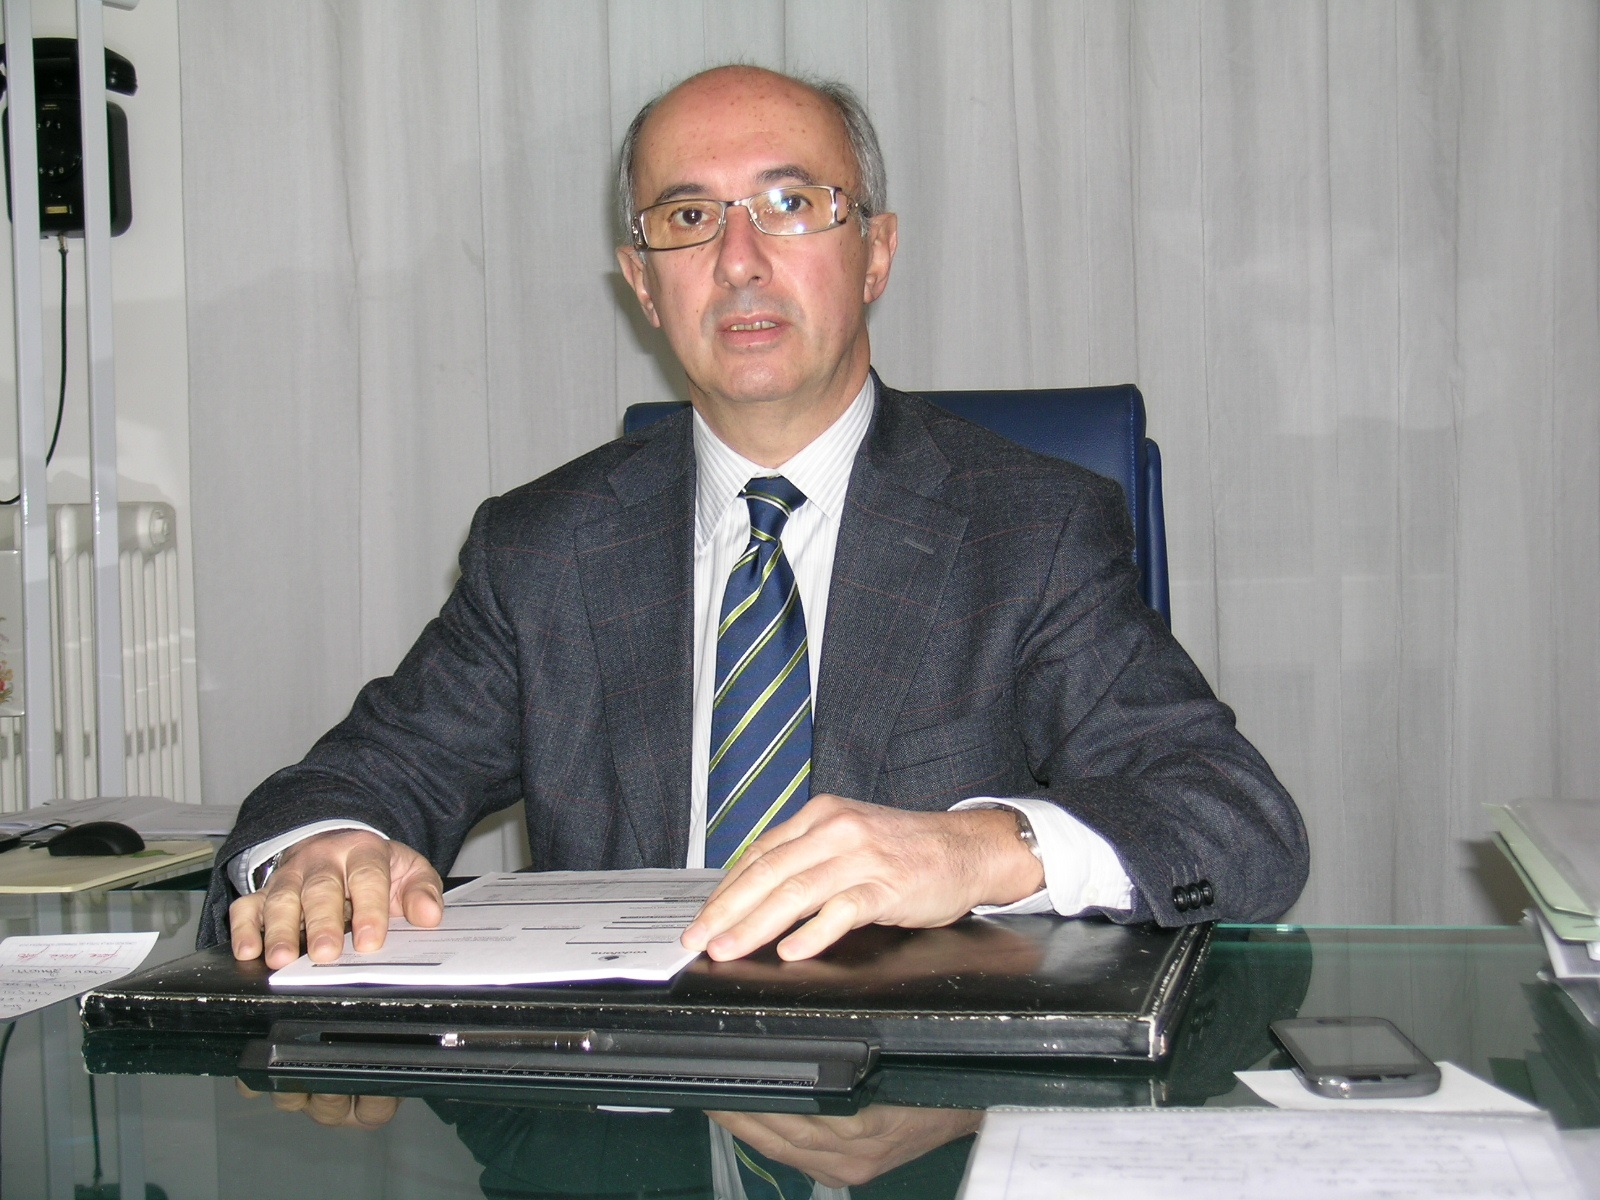 Mauro Benedetto Carmagnola